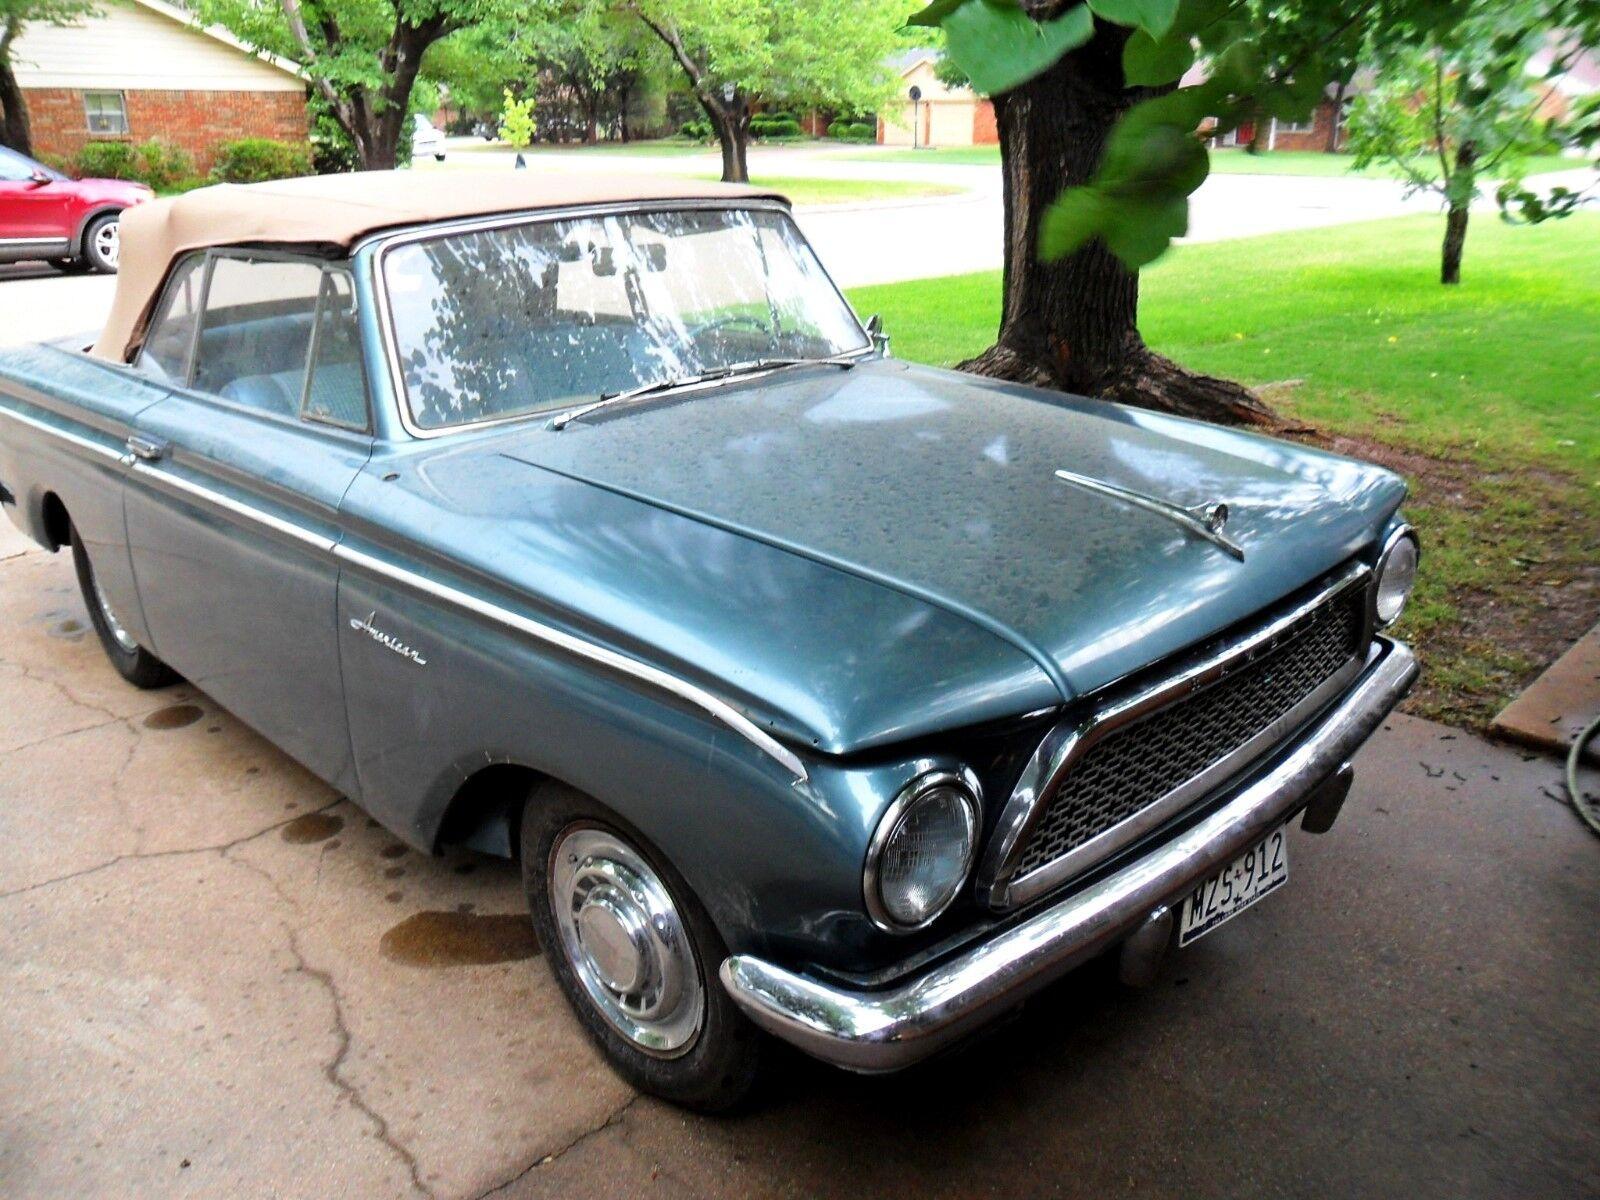 1961 AMC Other Chrome 1961 Rambler 400 Convertible, nice classic ragtop.